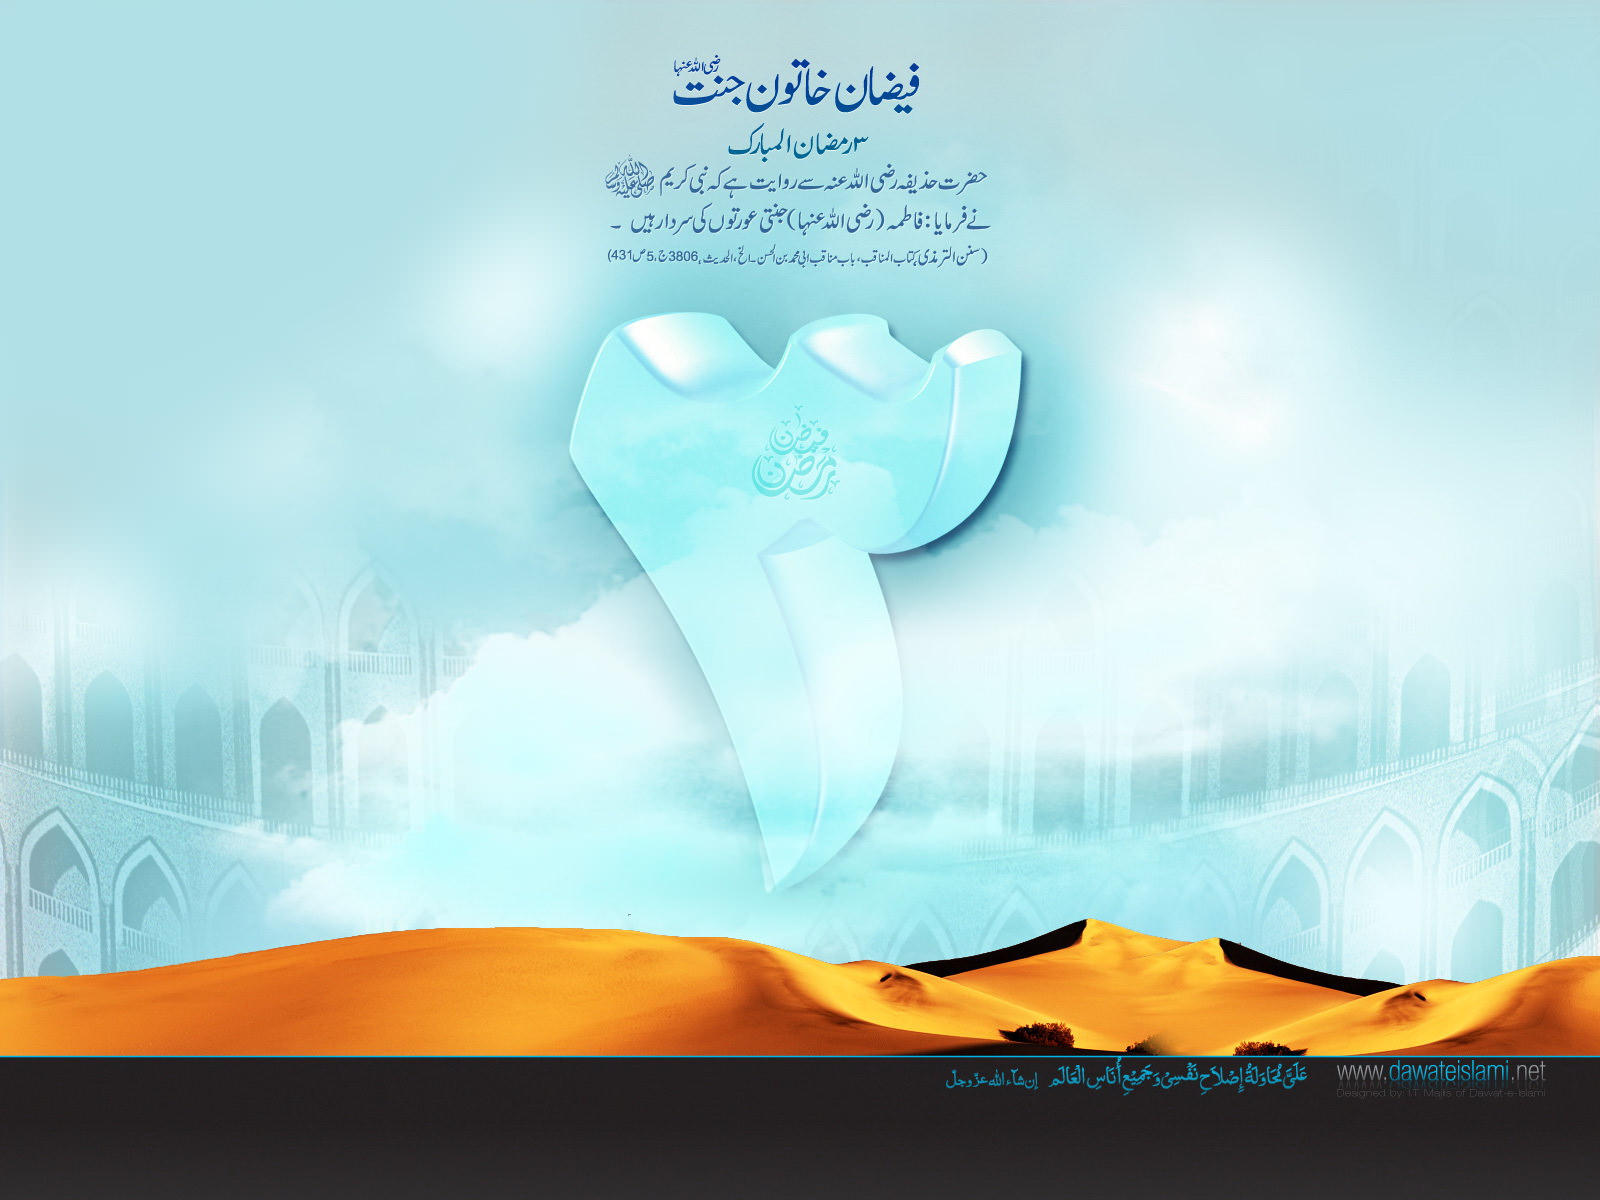 Faizan e Khaton e Jannat, Ramadan 6